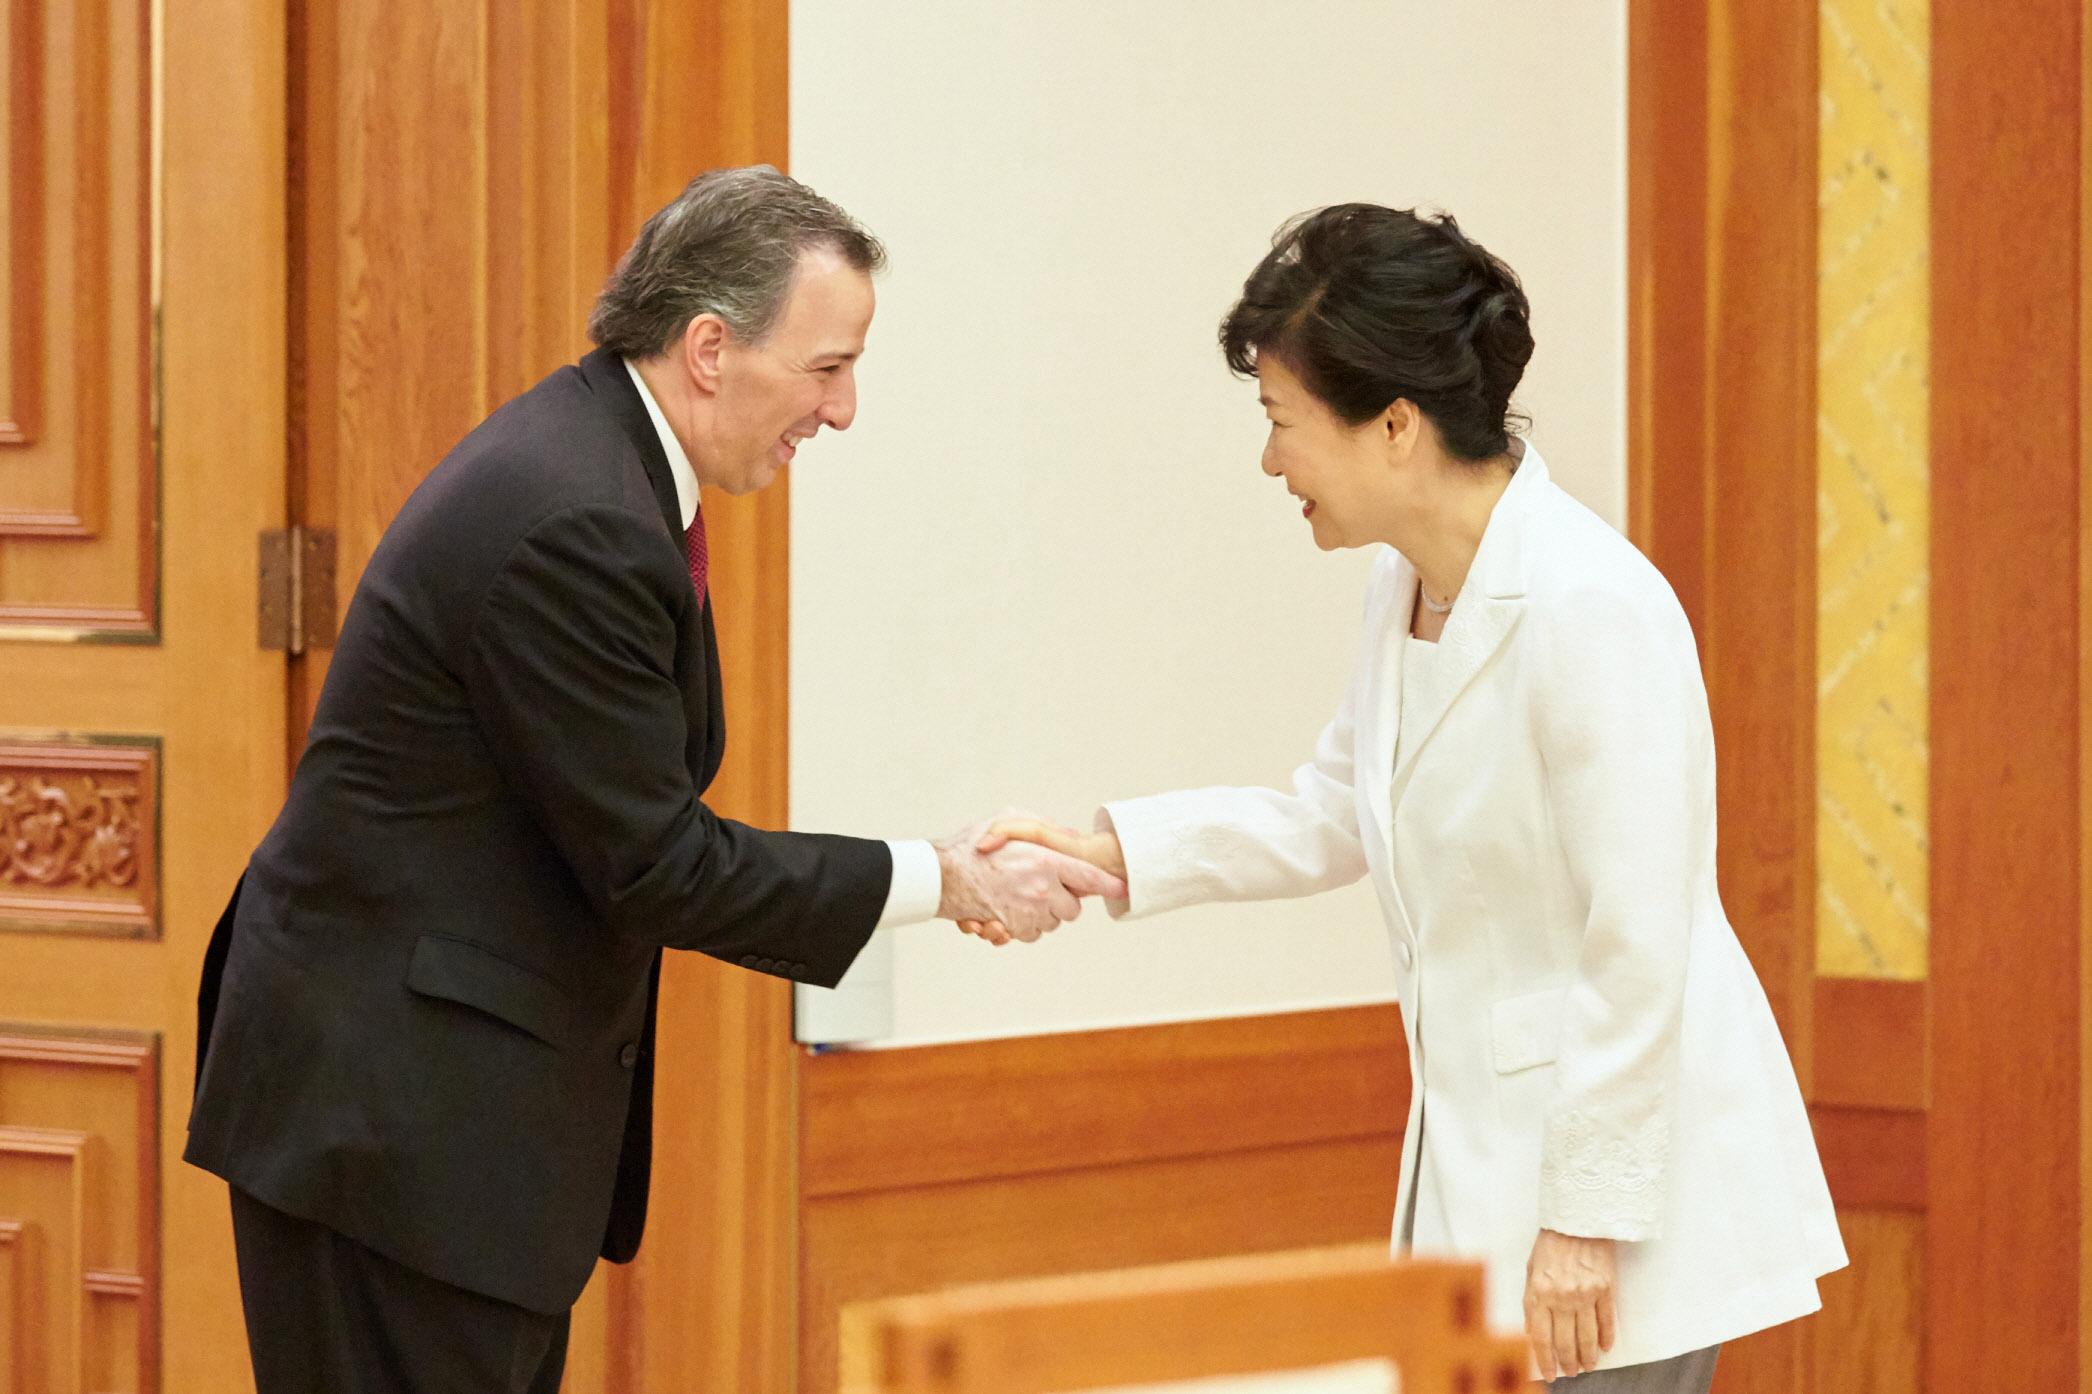 FOTO 1 El canciller Jos  Antonio Meade es recibido por la presidenta de Corea  Park Geun hyejpg